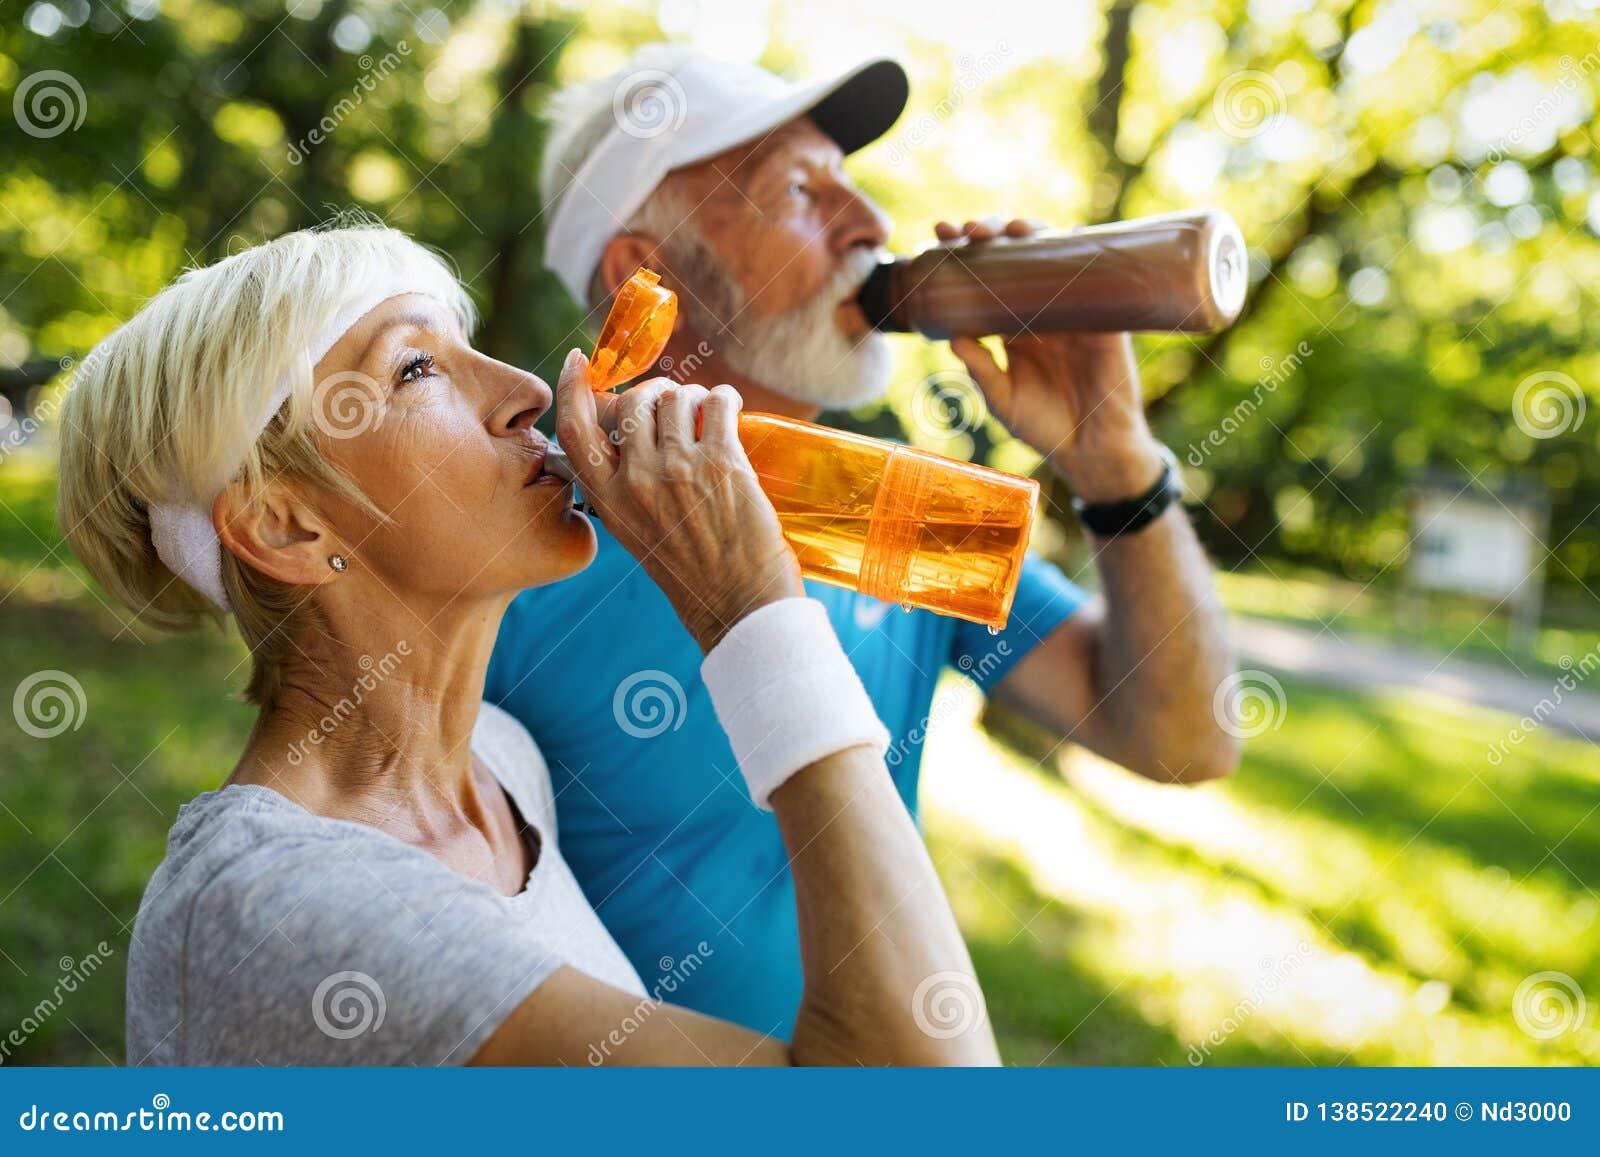 Det mogna paret dricker vatten för att fylla på energi och för att hydratisera